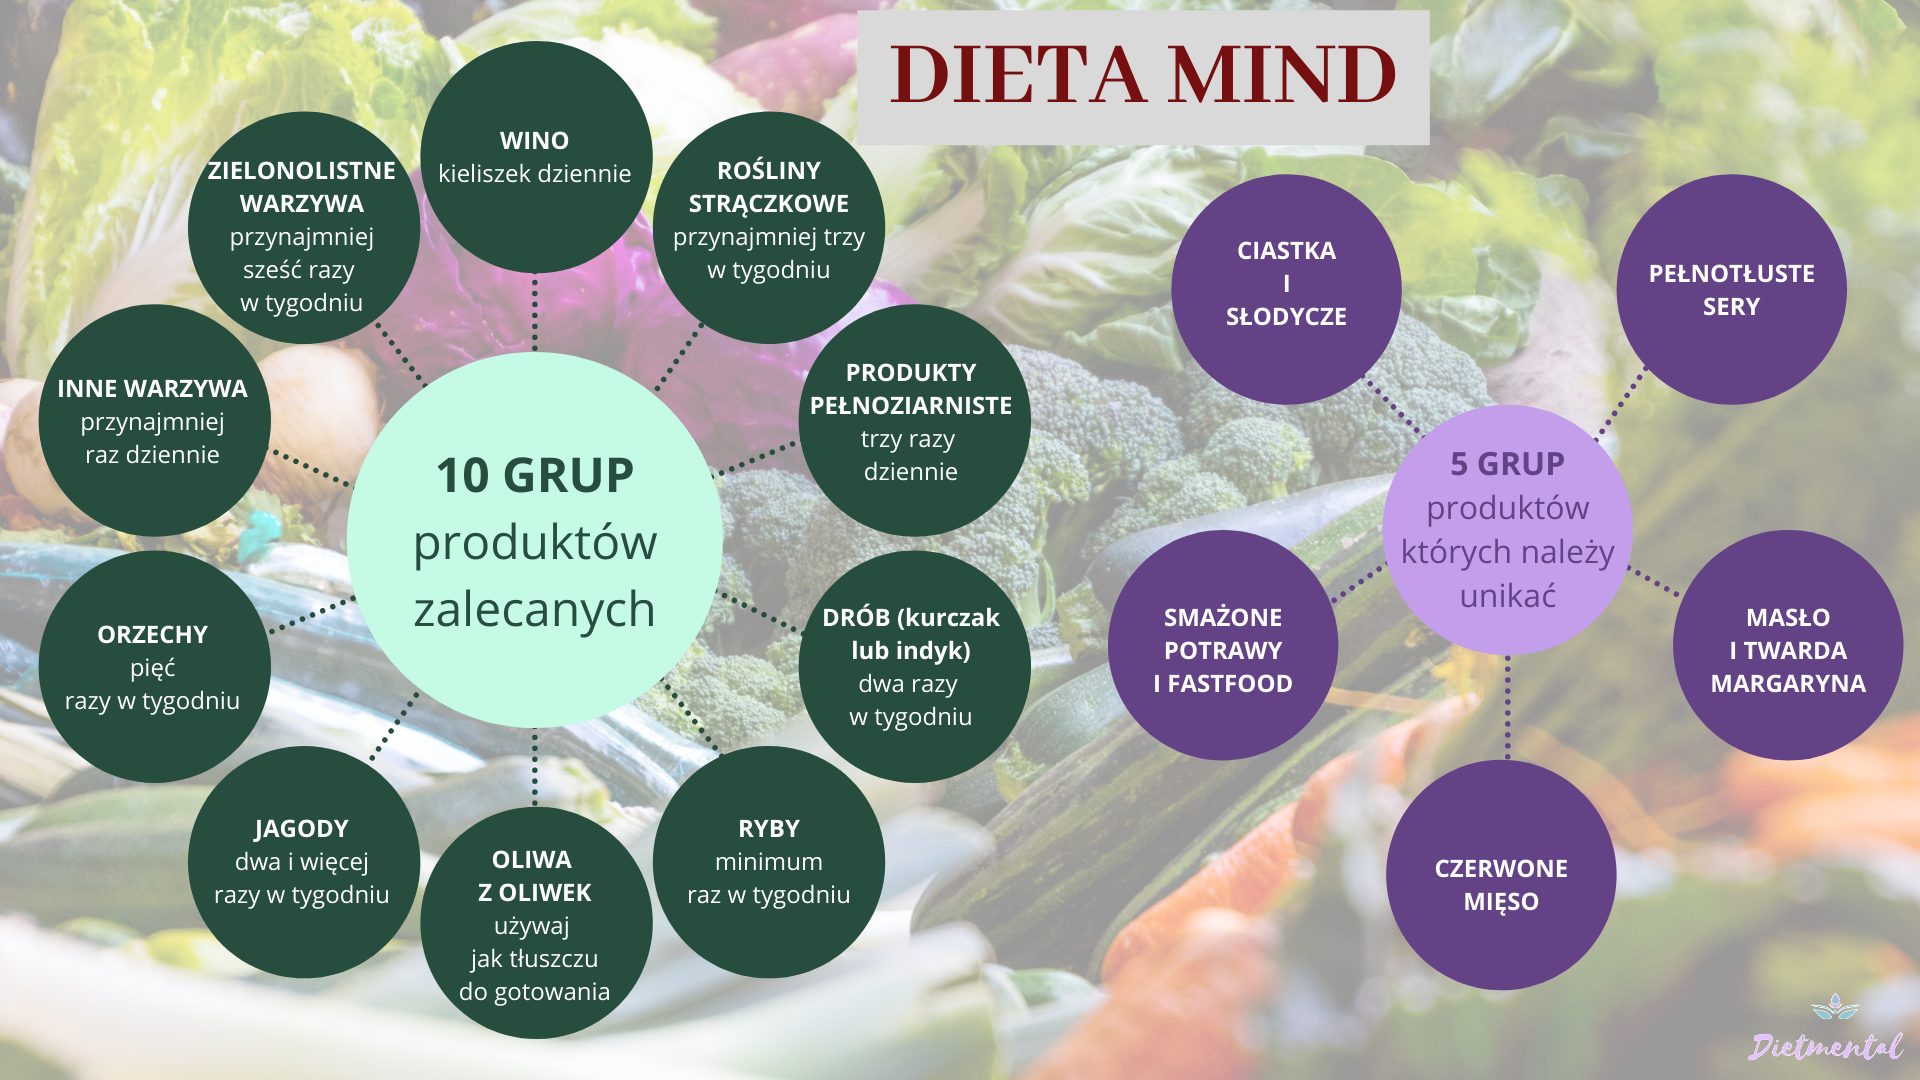 dieta mind założenia dietetyk wrocław